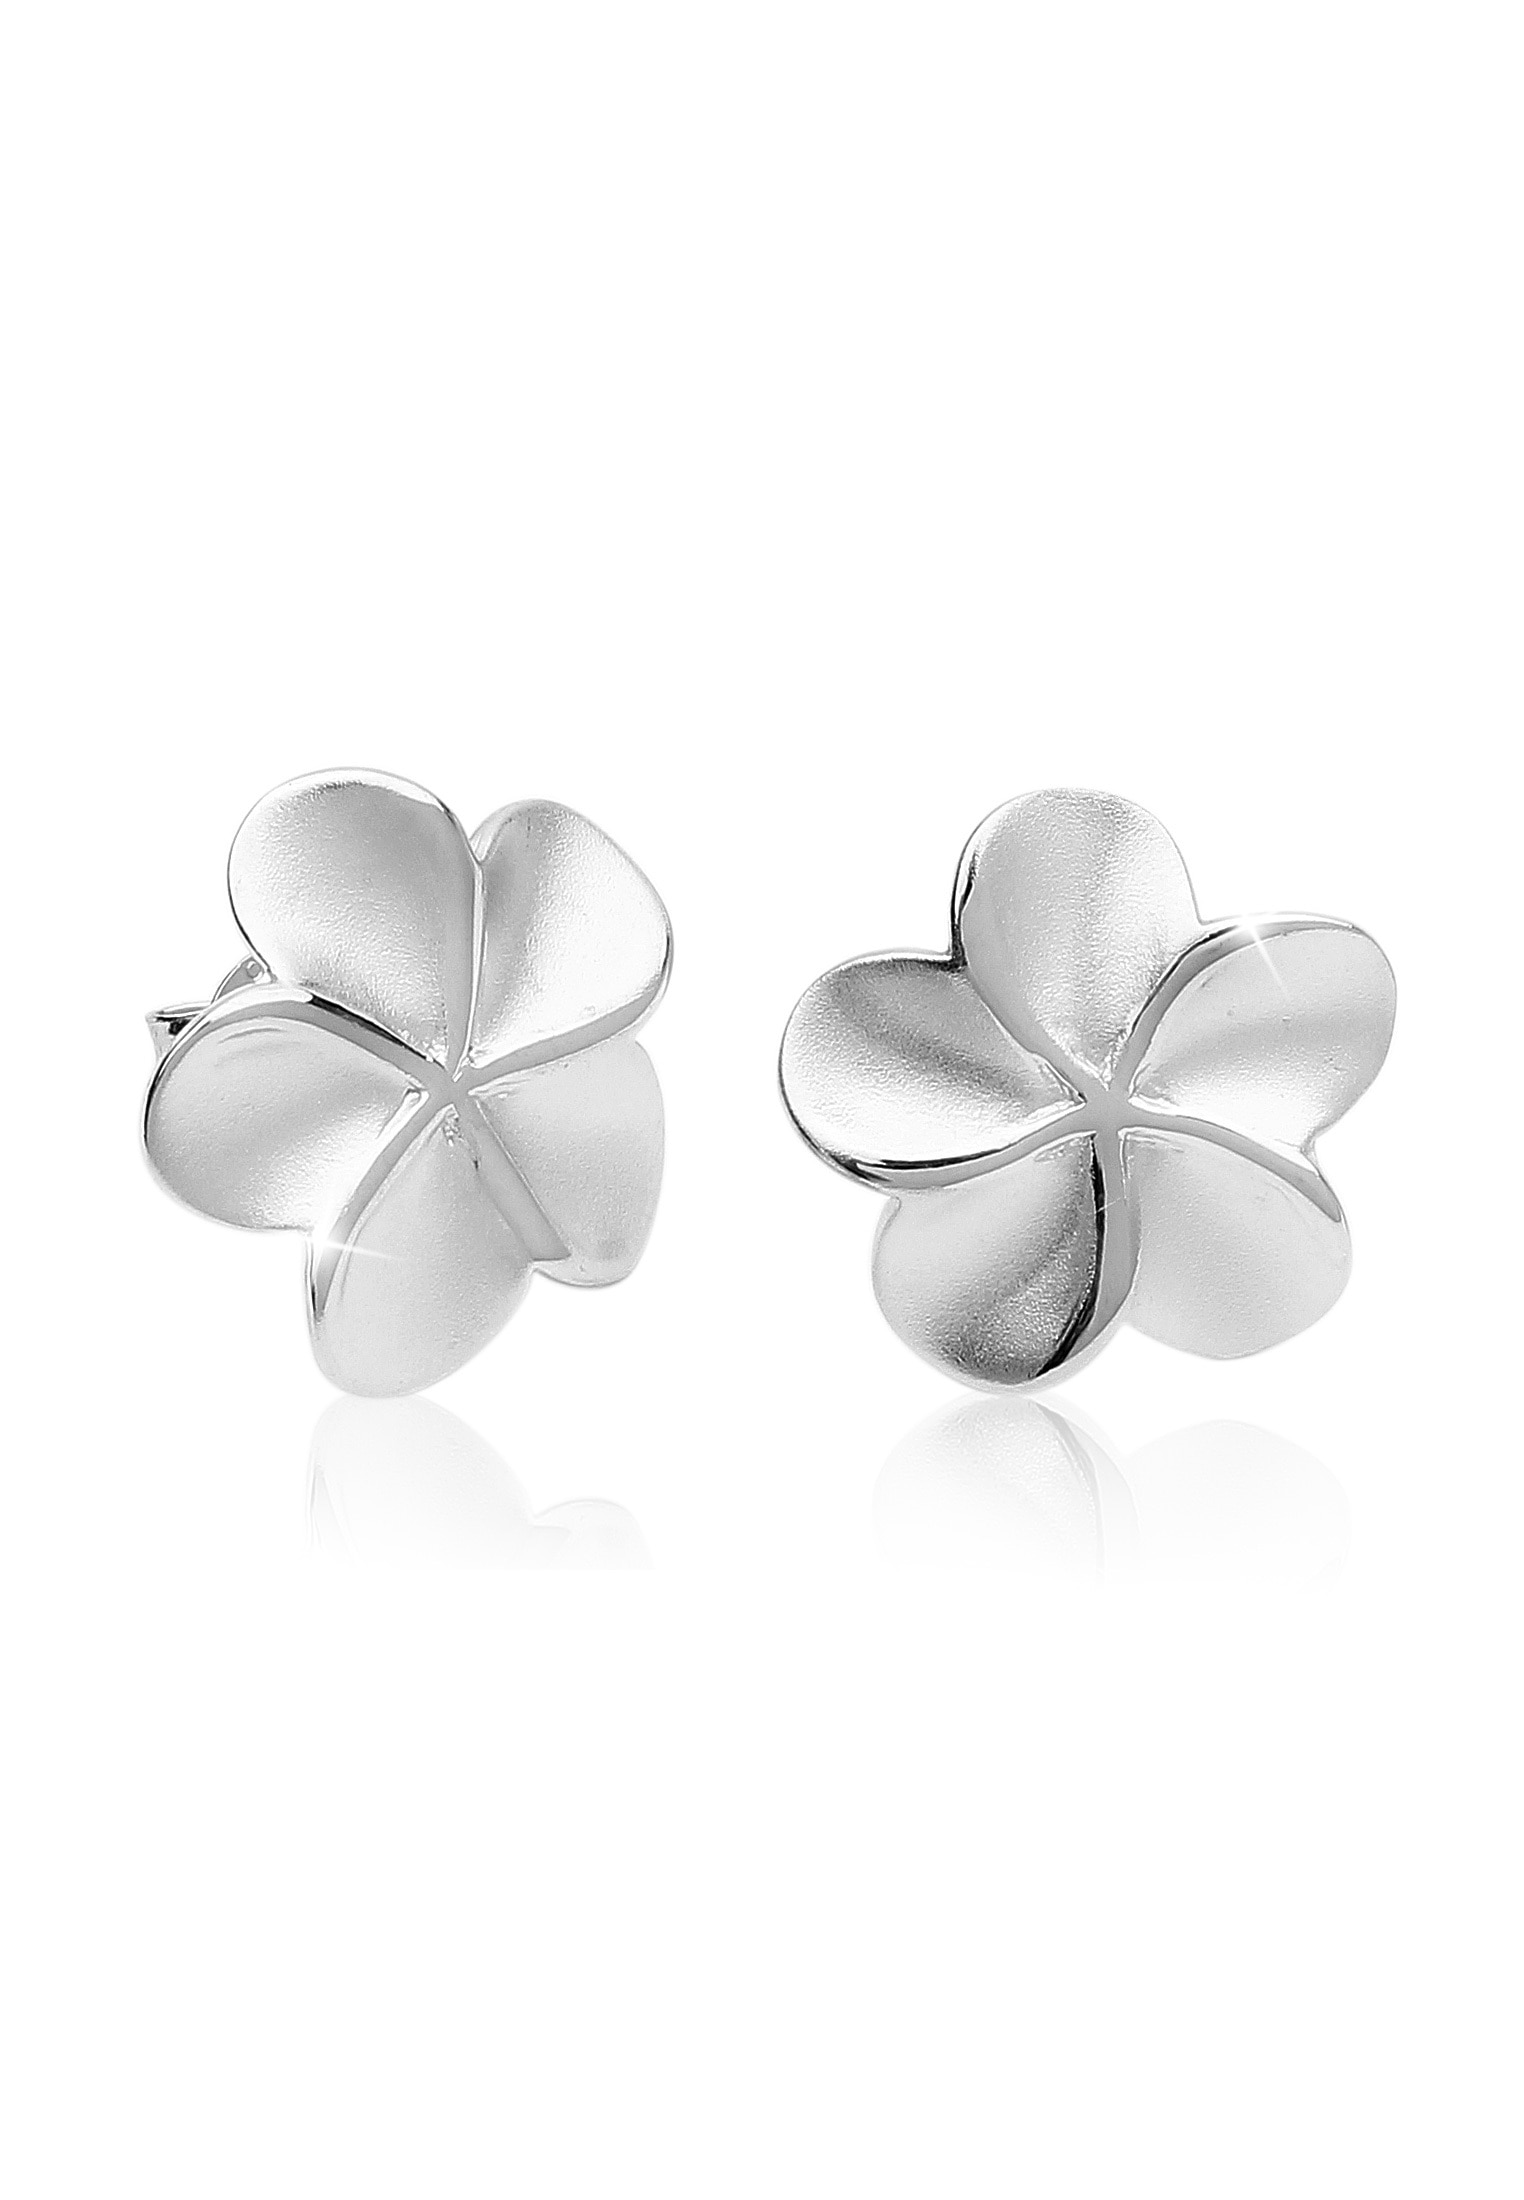 Nenalina Paar Ohrstecker Ohrstecker Blume Blüte Verspielt 925 Silber | Schmuck > Ohrschmuck & Ohrringe > Ohrstecker | Nenalina